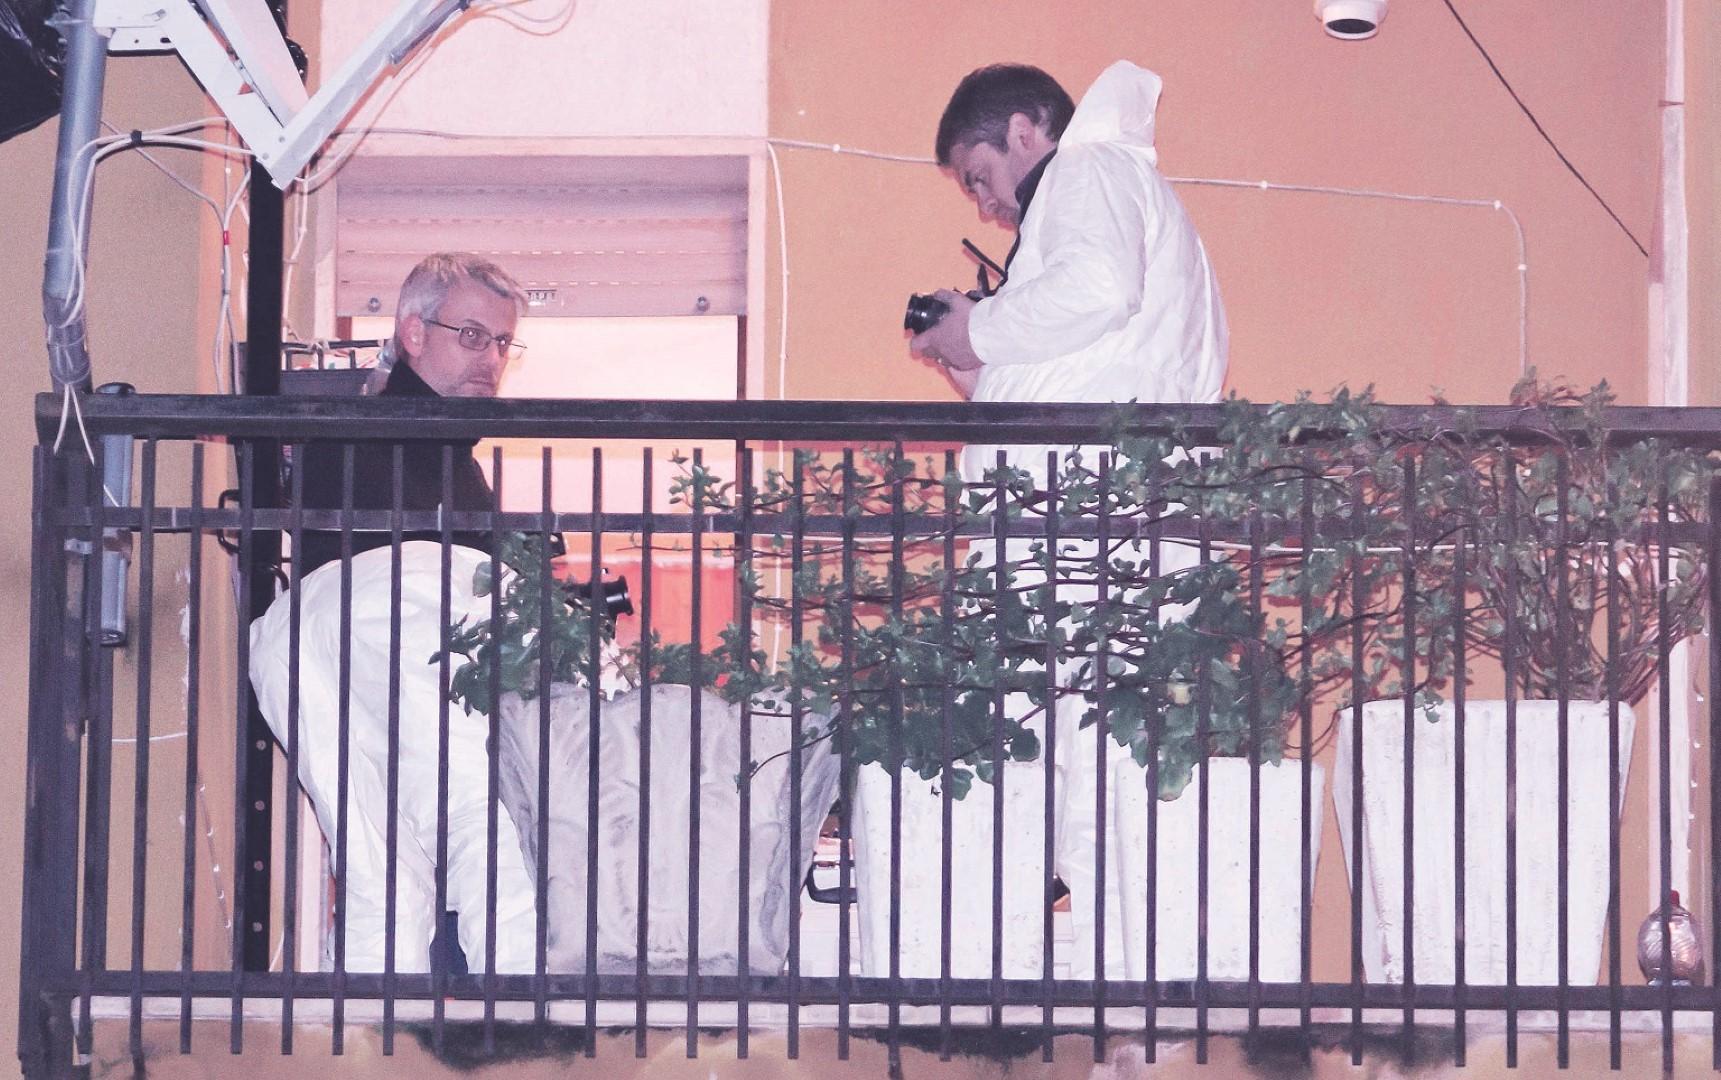 Strage di San Lorenzo del Vallo, due ergastoli ai killerCondanna definitiva in Cassazione: uccisero madre e figlia